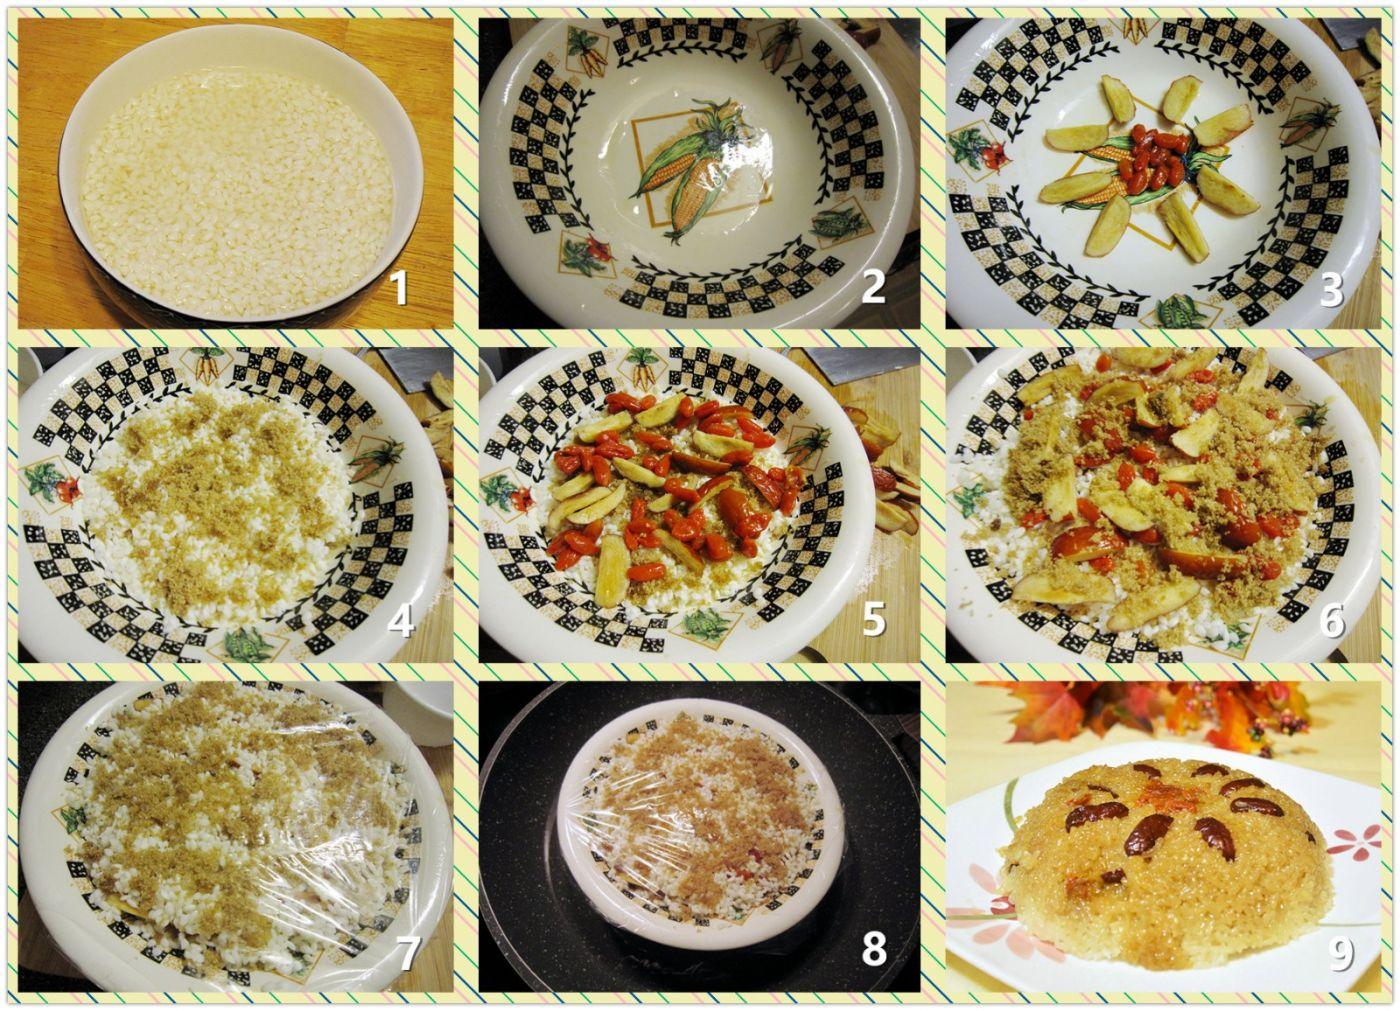 红枣红糖蒸糯米饭_图1-2